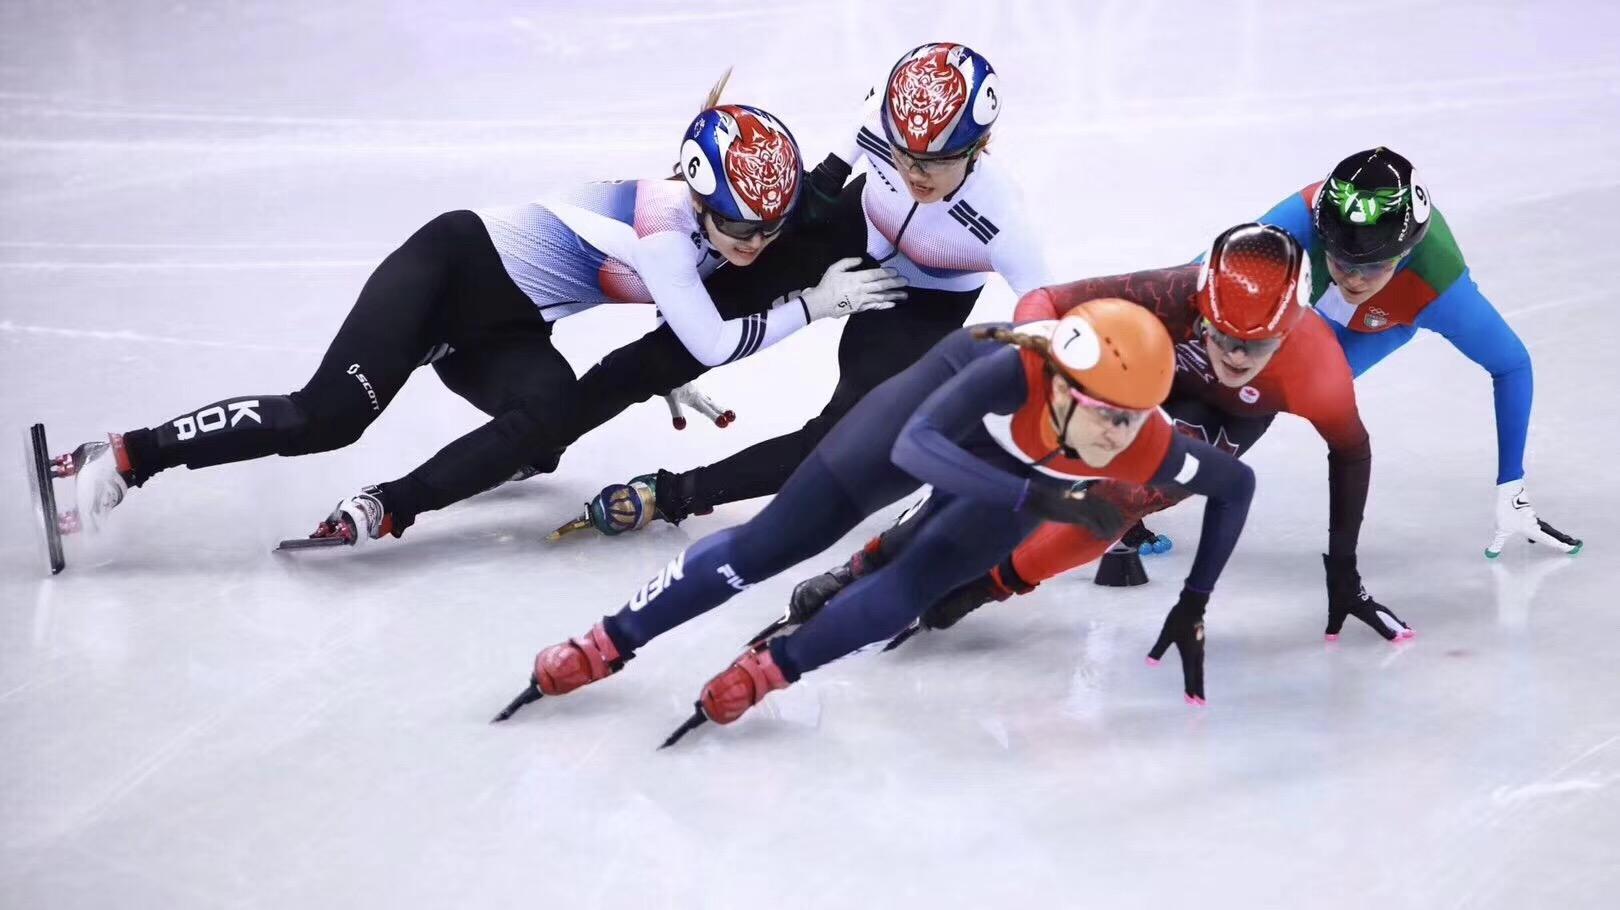 短道速滑韩国选手互相犯规 网友:姐妹一生一起走